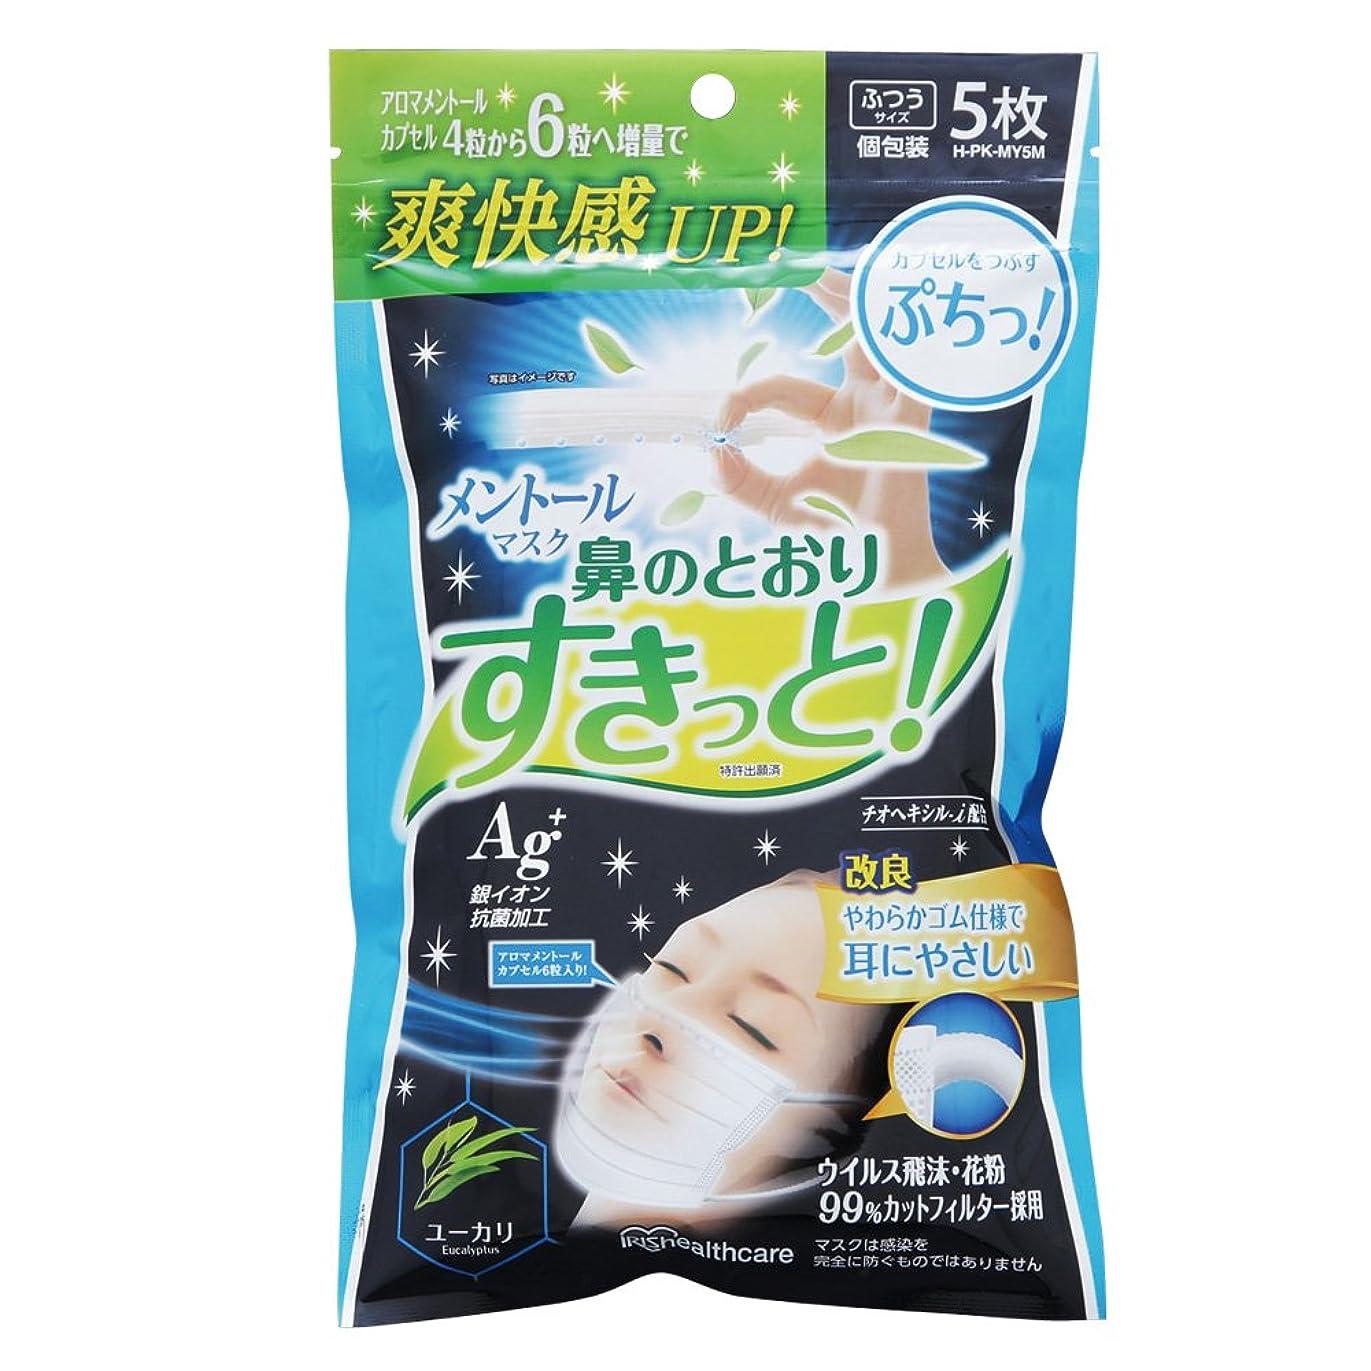 アイリスオーヤマ マスク メントール ユーカリ 香り ふつう 5枚入 個包装 H-PK-MY5M